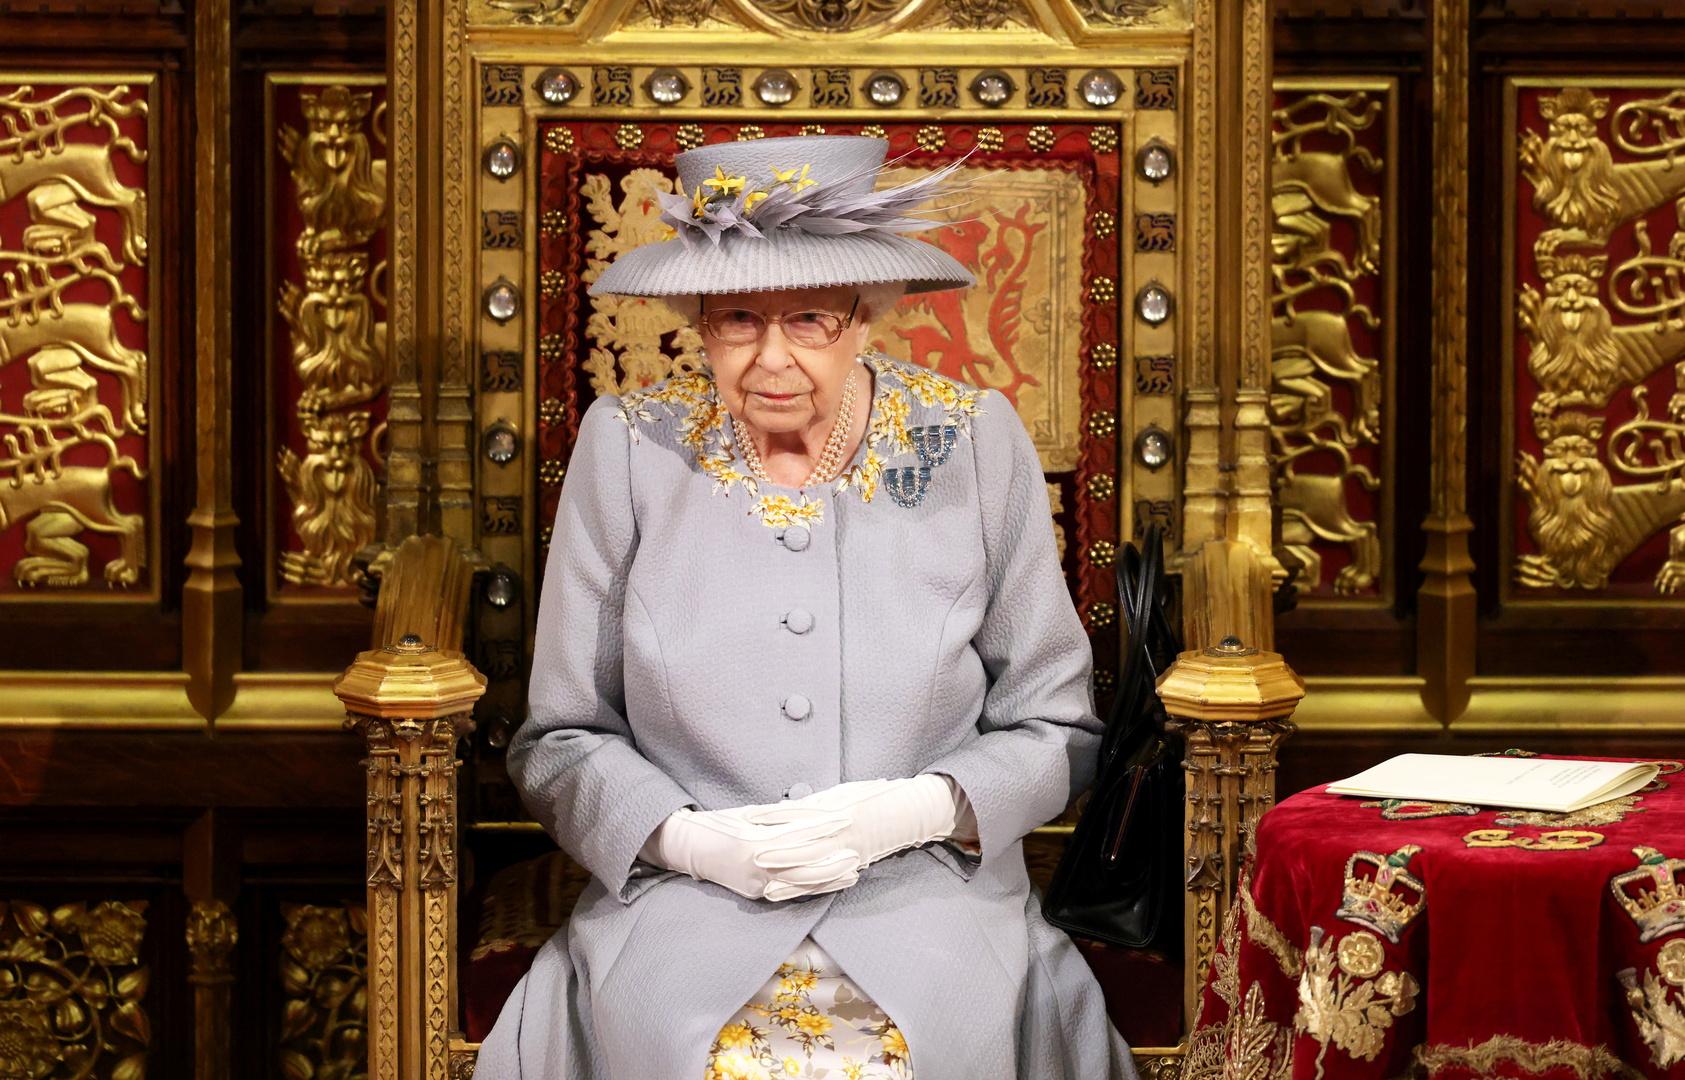 استطلاع: الشباب البريطاني يؤيد إلغاء النظام الملكي